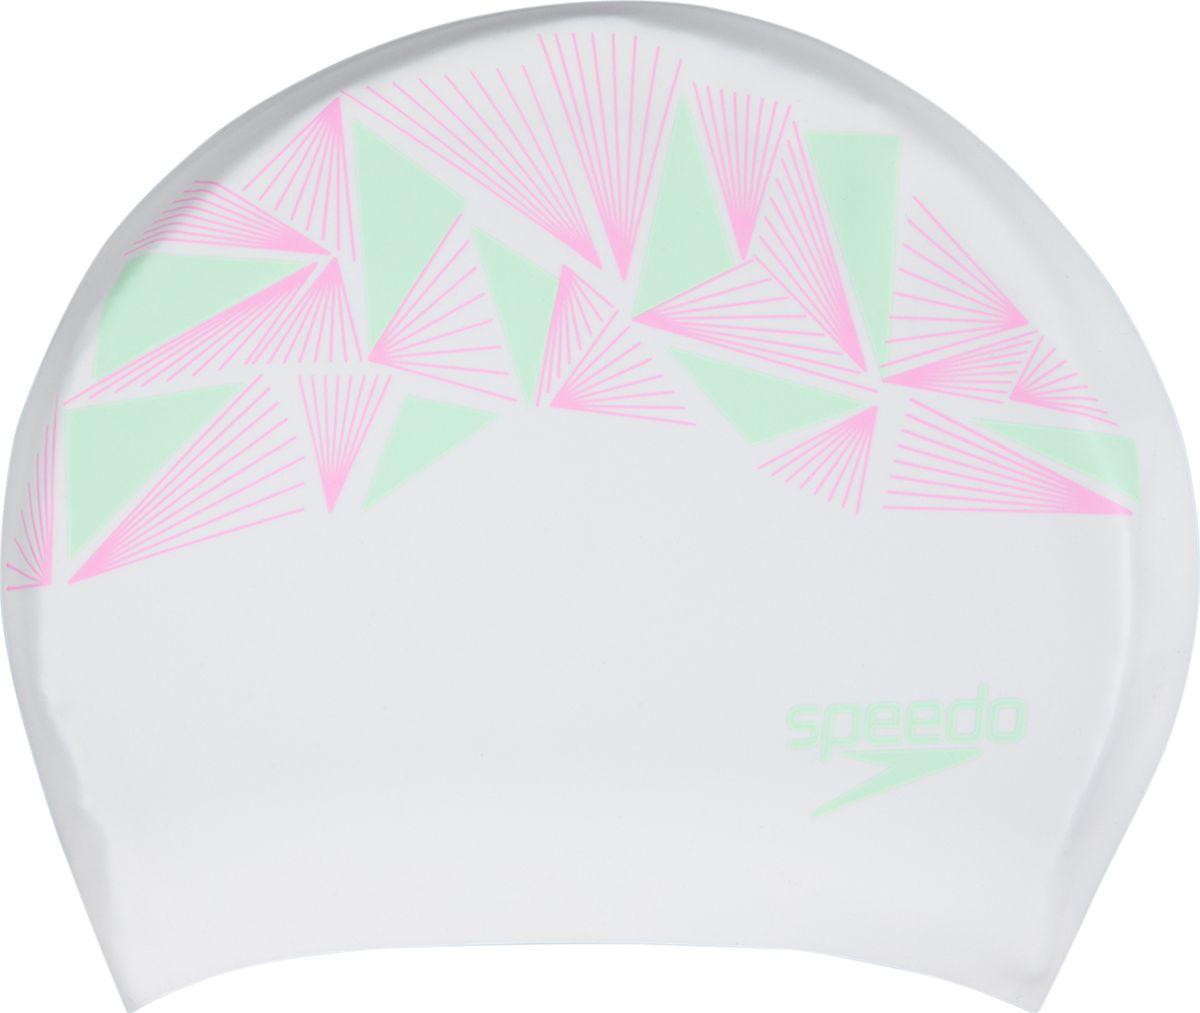 Шапочка для плавания Speedo, белый, розовый, мятный, 8-11306C9078-11306C907